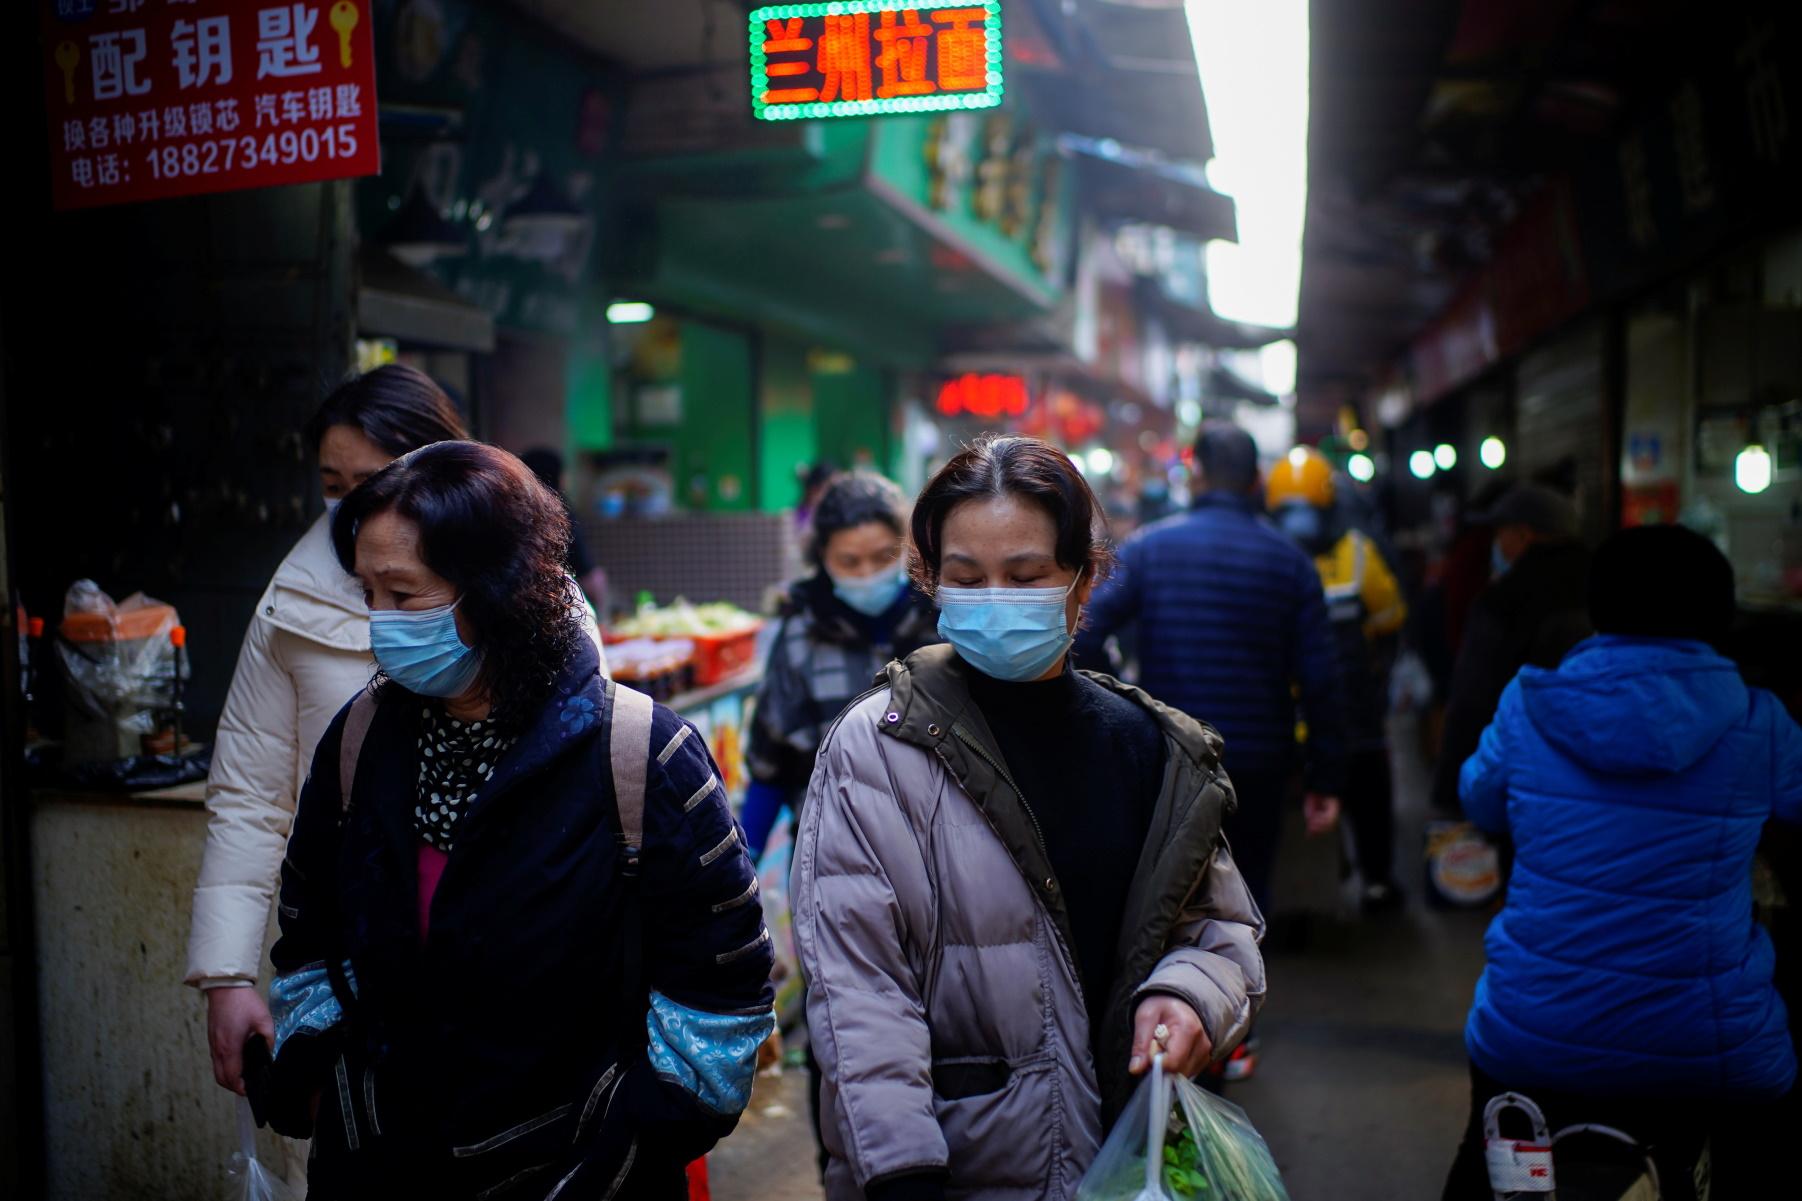 Κορονοϊός: Η Κίνα δεν δίνει στον ΠΟΥ δεδομένα από τα πρώτα κρούσματα